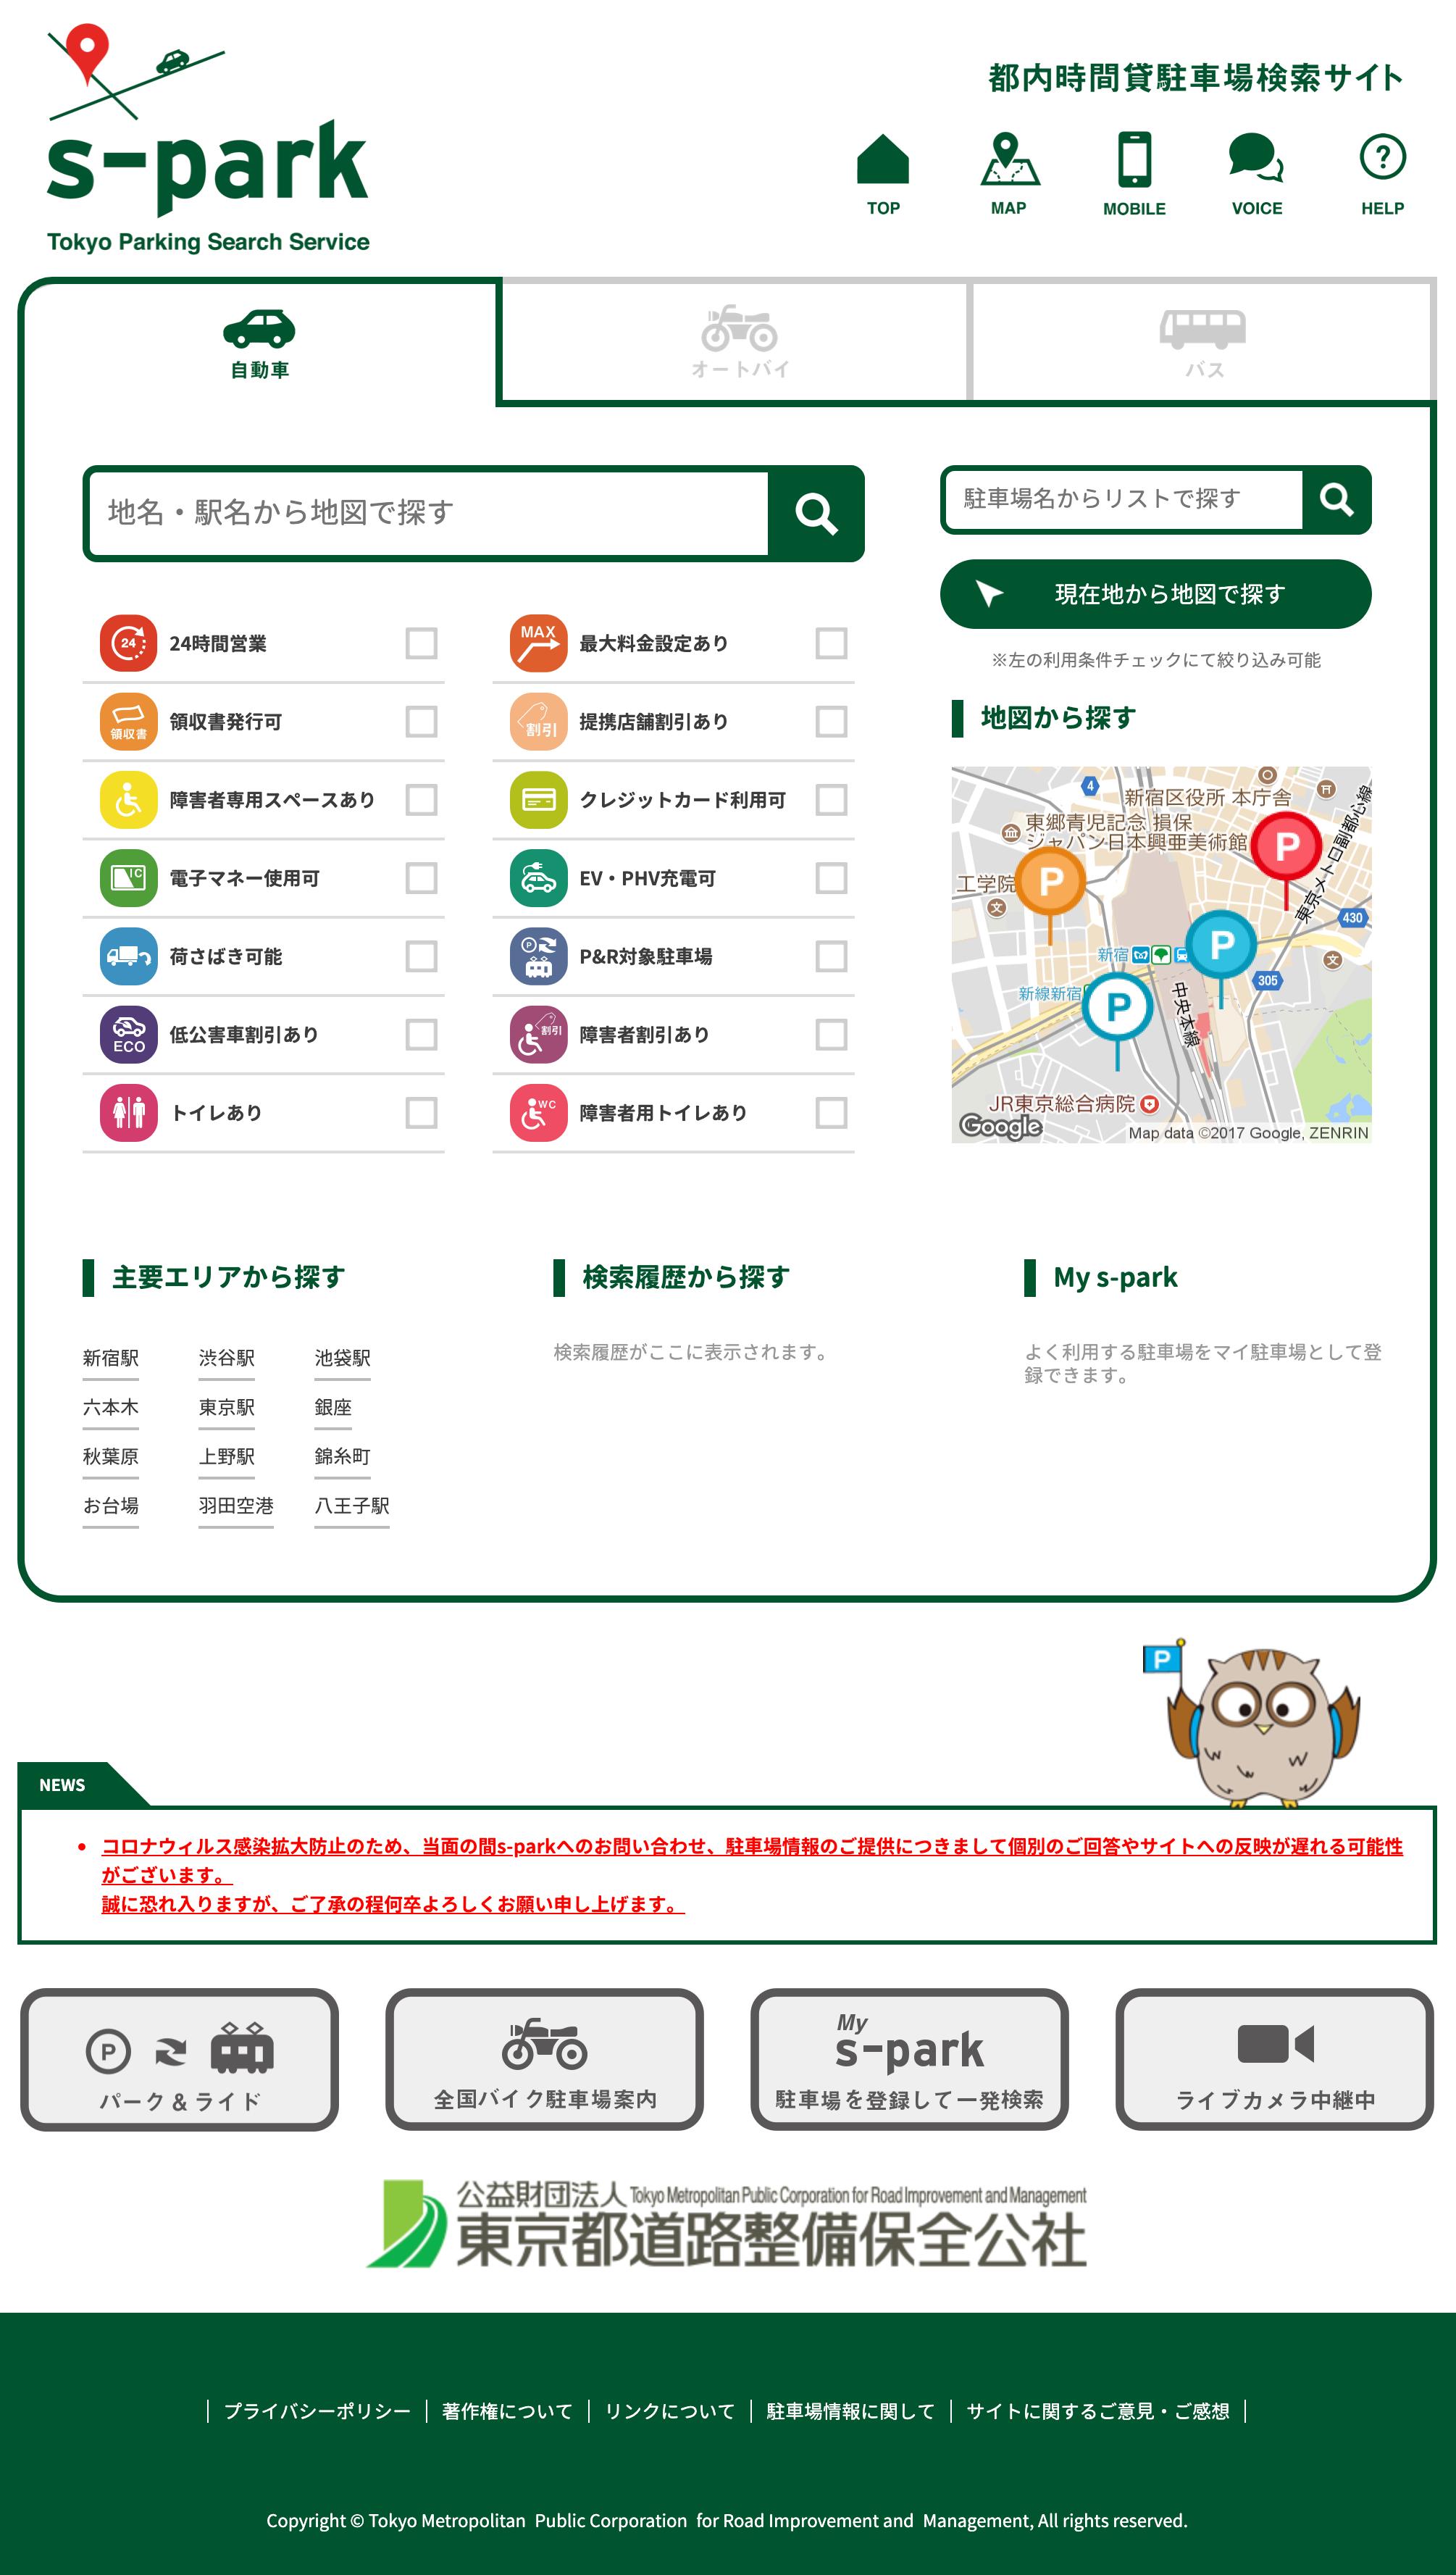 近隣のコインパーキングはこちらで検索可能です(www.s-park.jp)